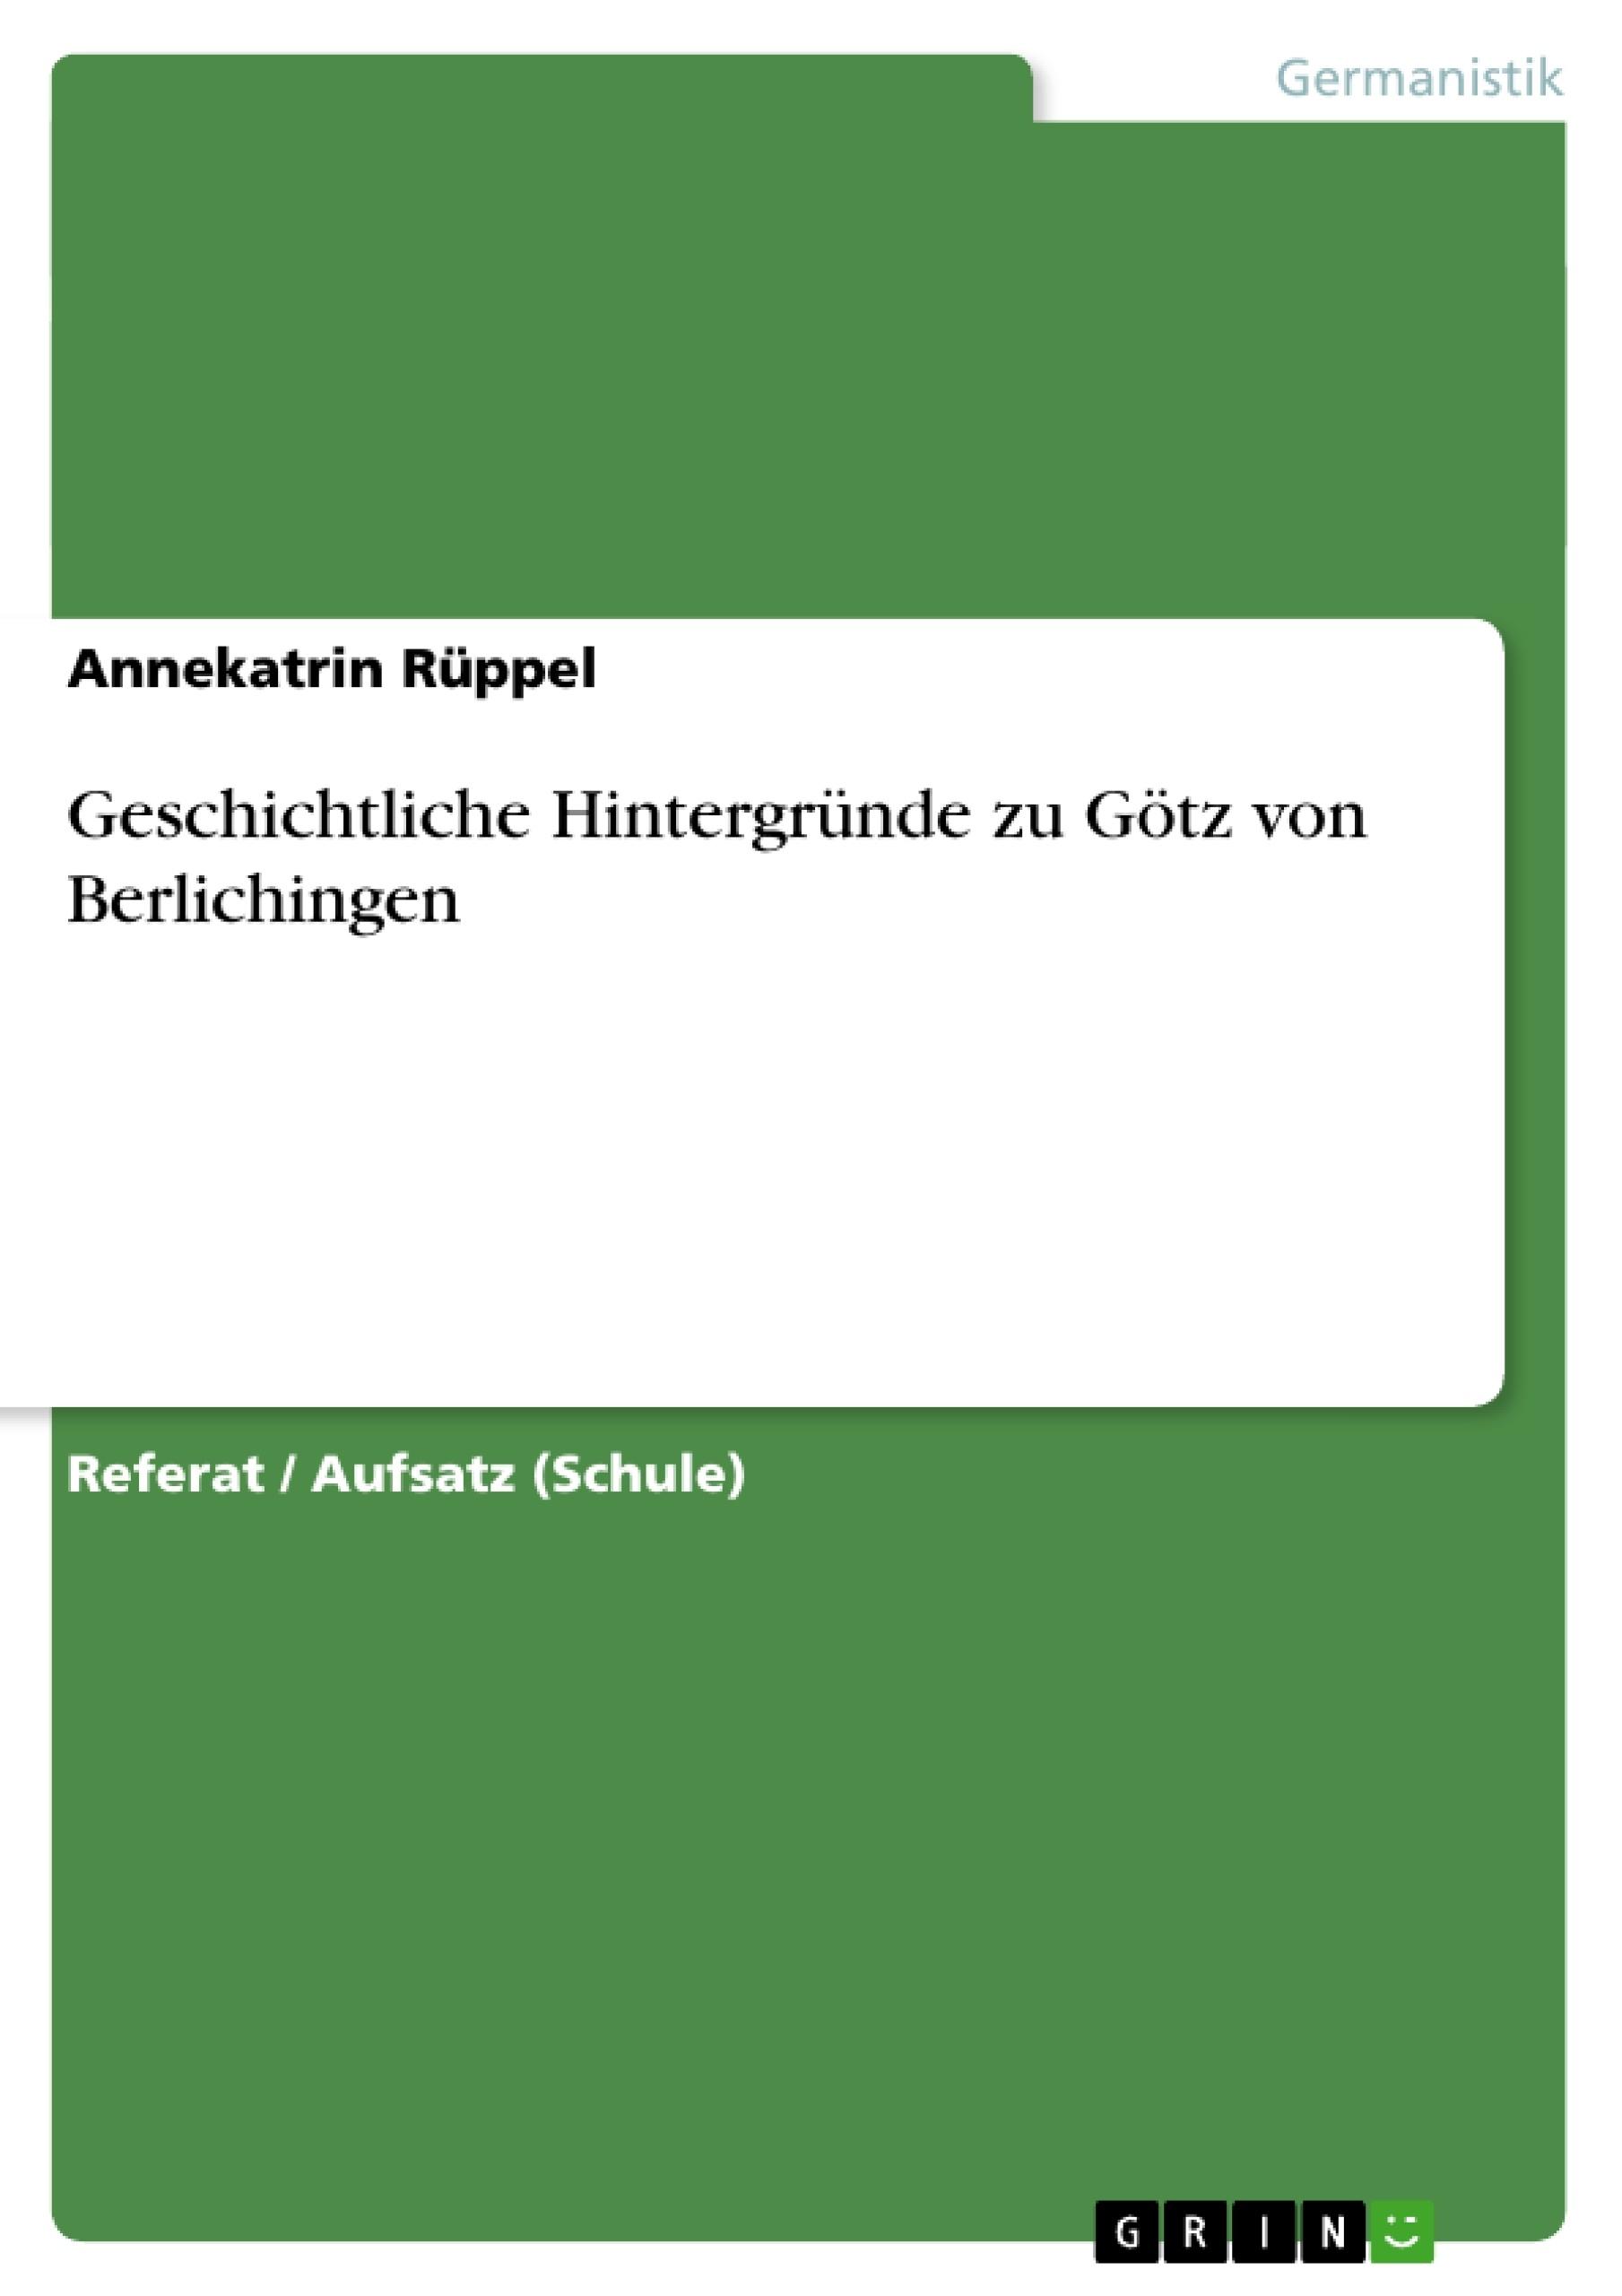 Titel: Geschichtliche Hintergründe zu Götz von Berlichingen